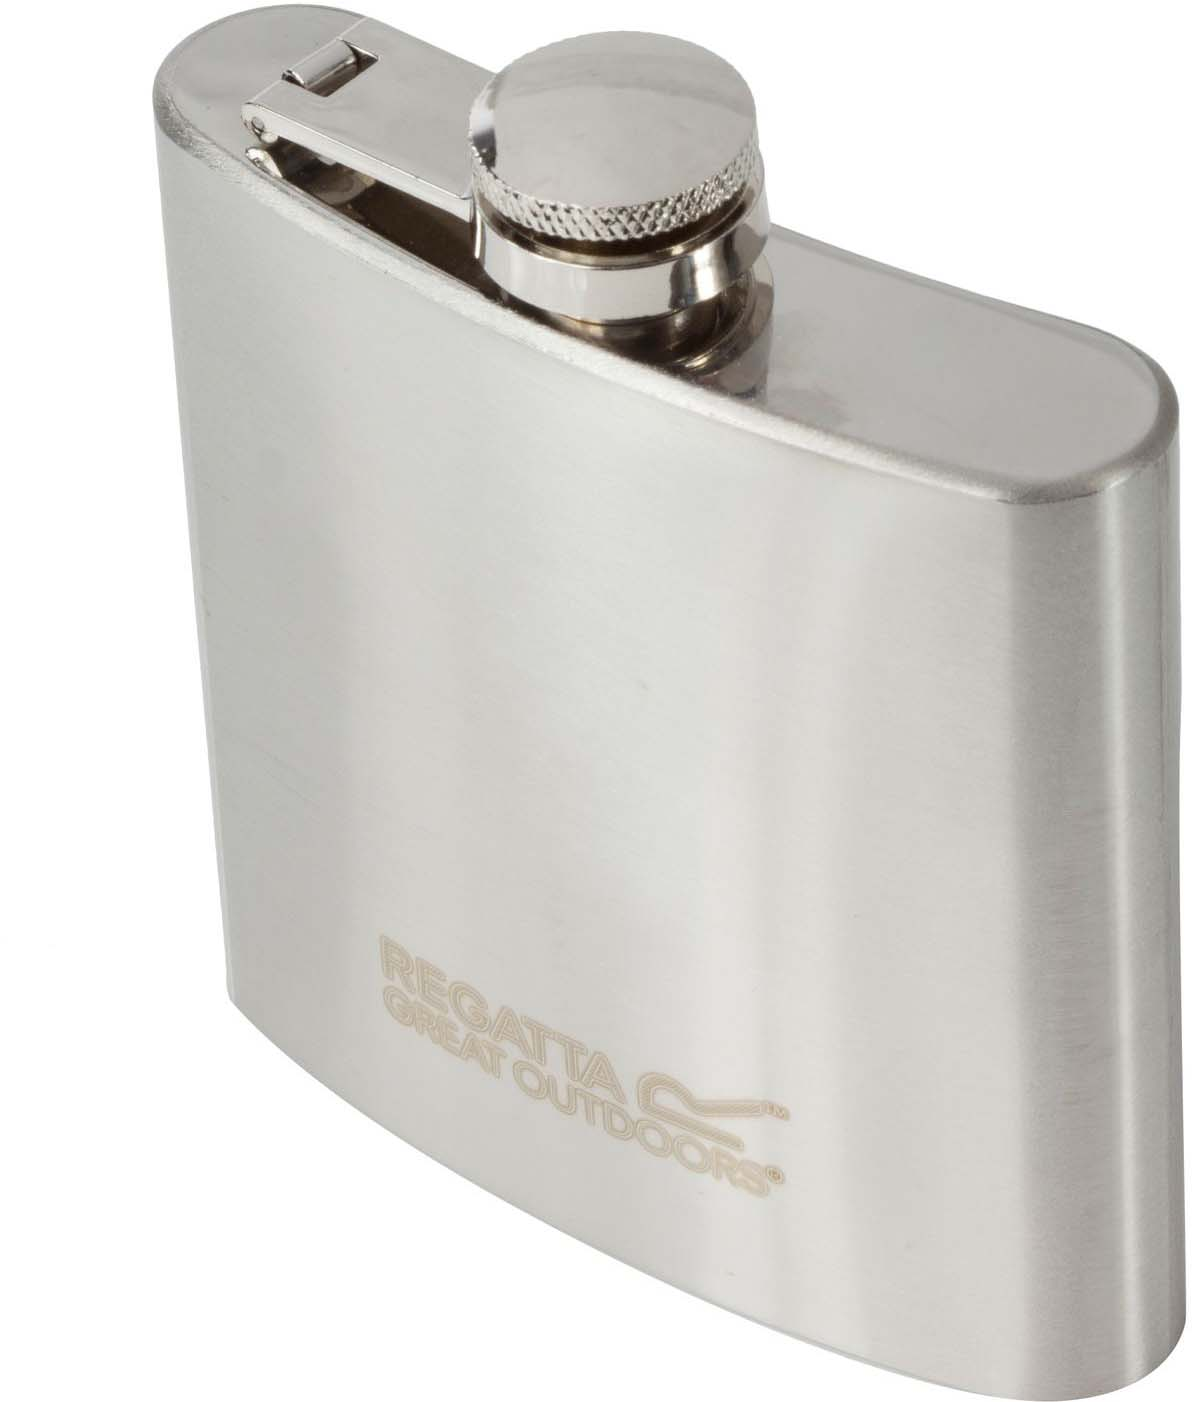 Фляга спортивная Regatta Hip Flask. цвет: серый, 170 млRCE123Фляга для напитков из нержавеющей стали, объем 0,17 л. Компактный дизайн.